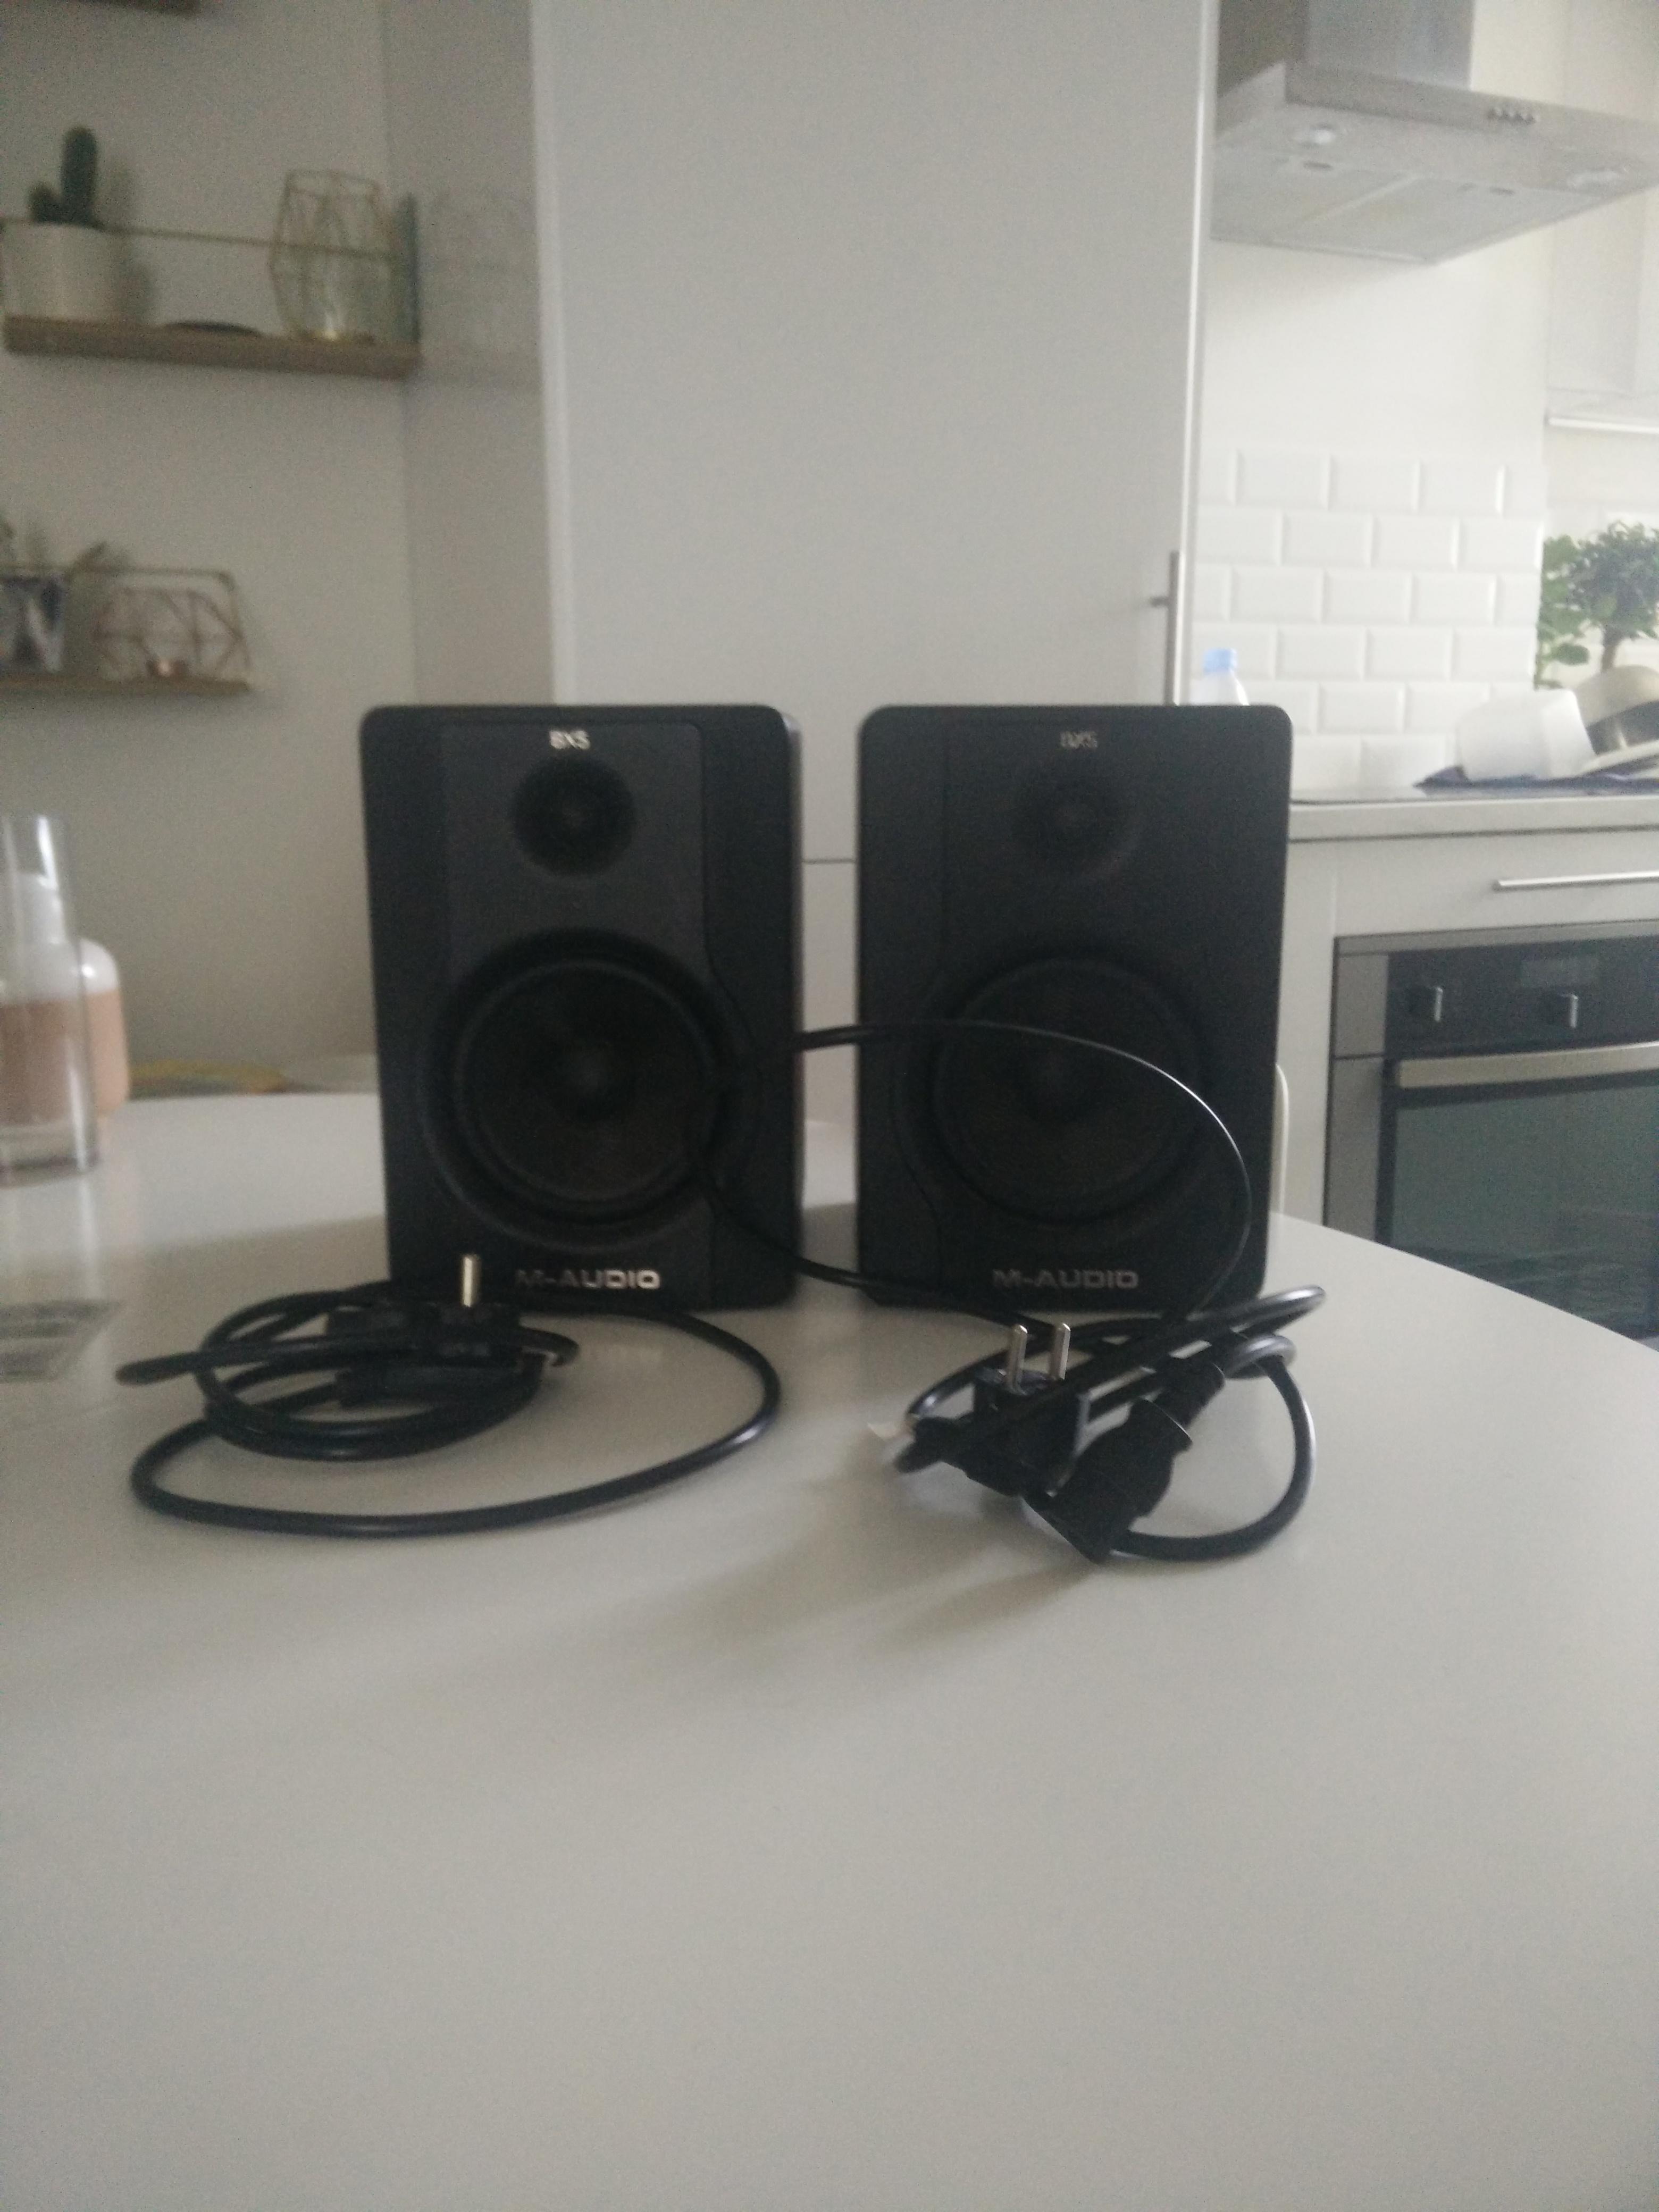 m audio bx5 d2 manual